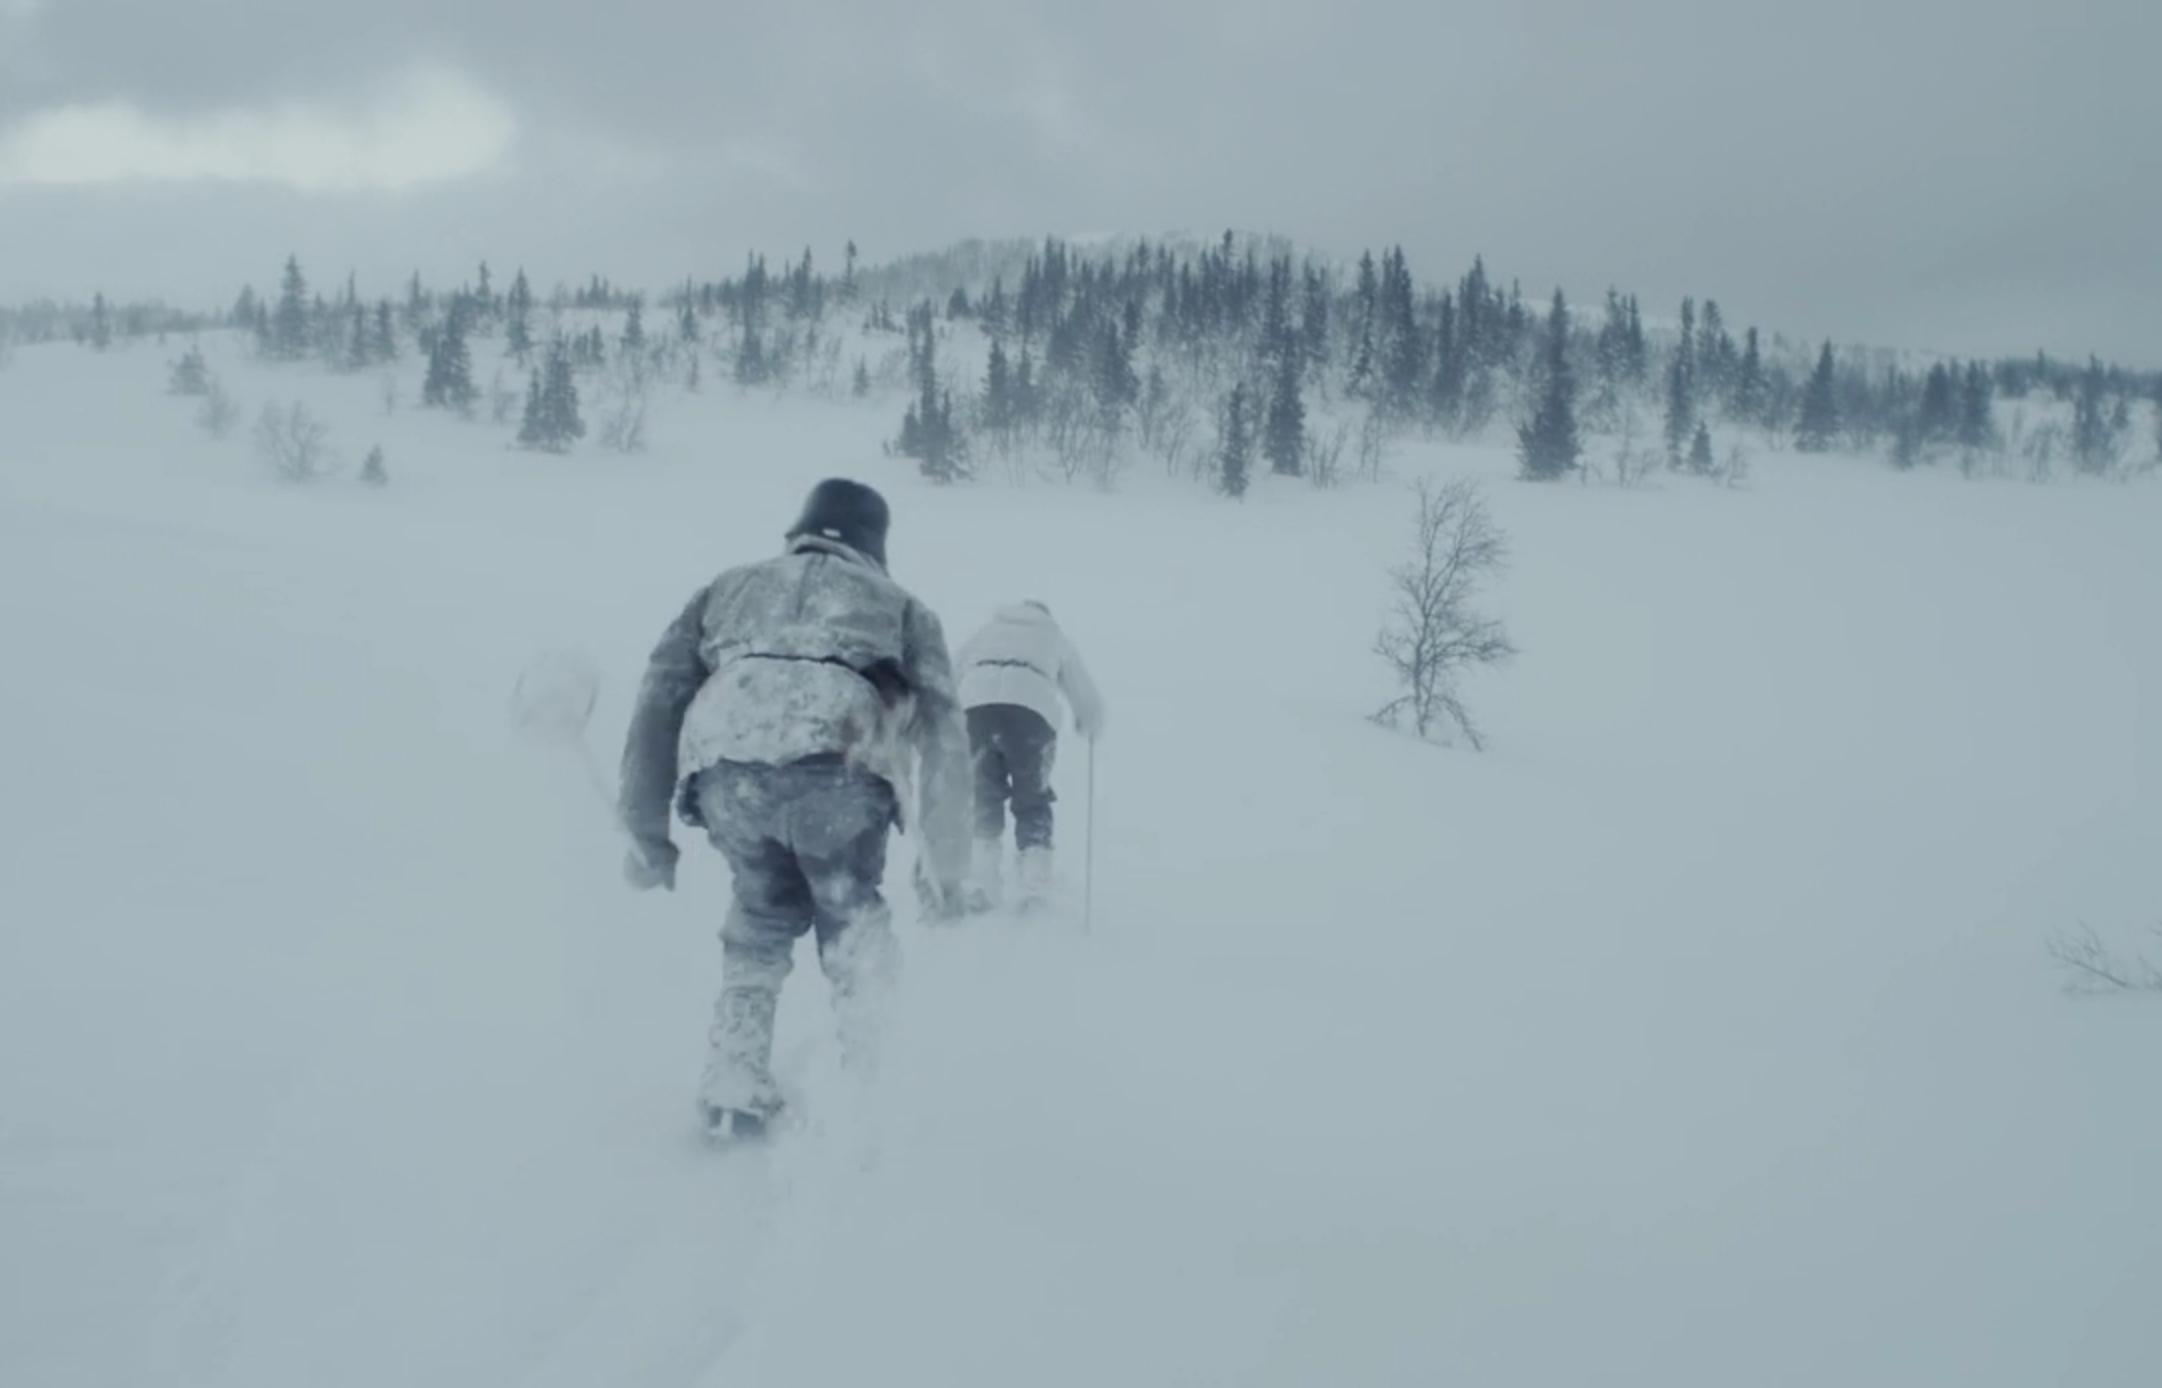 Helberg jagas av en tysk soldat i norska fjällen. Foto: Netflix